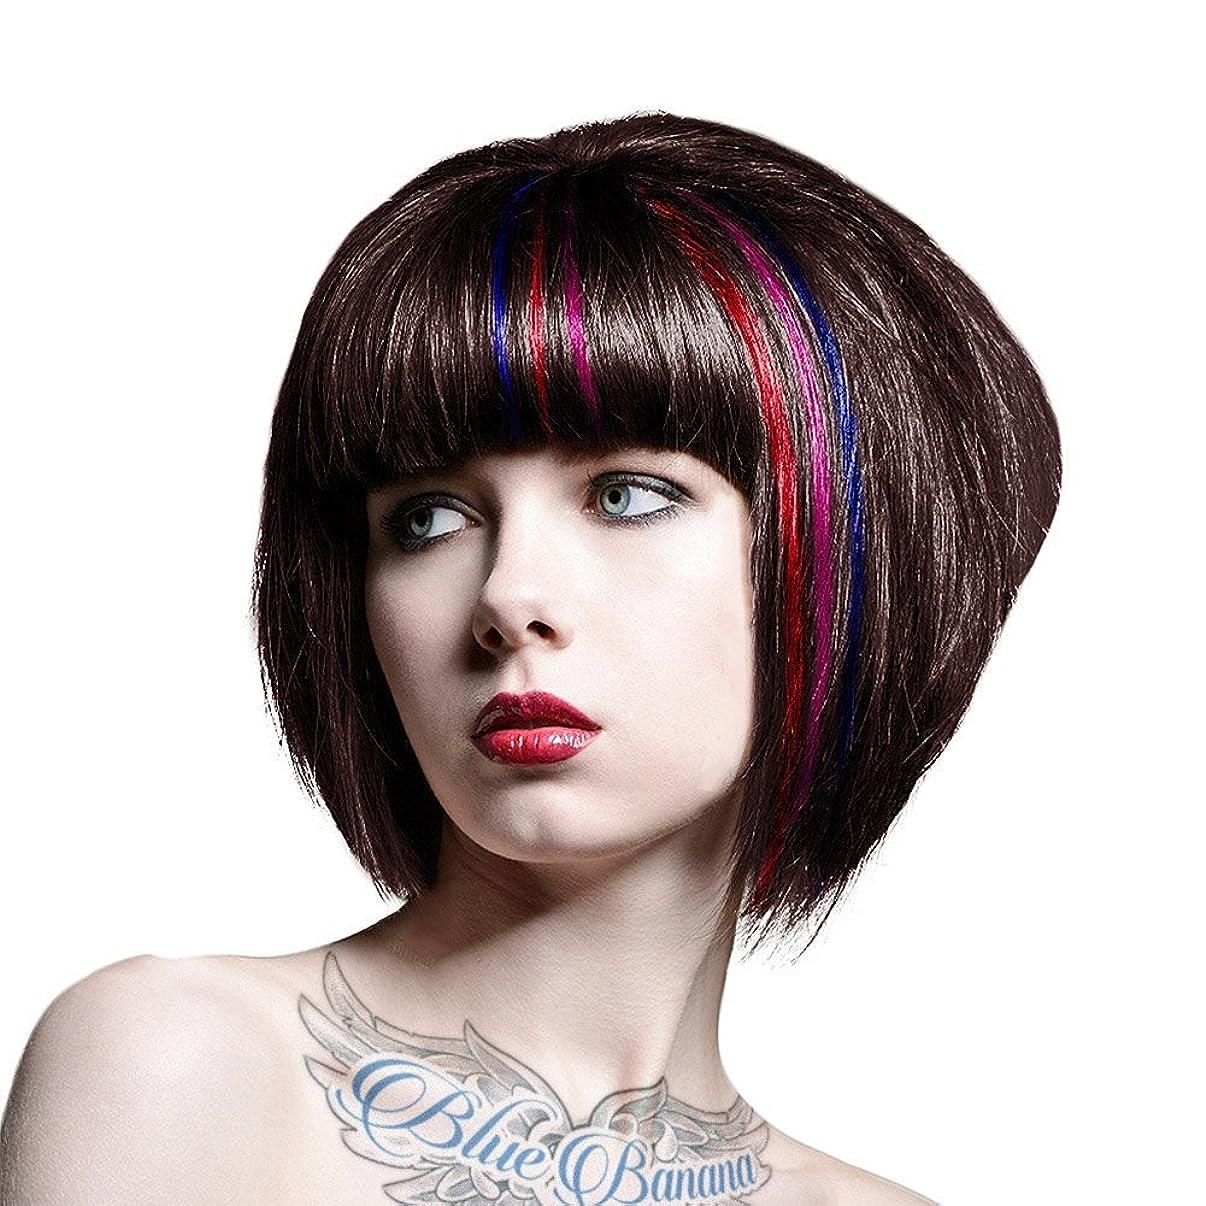 スカープめる汚れるSplat 3 Color Accent Kit Cherry Pop Kelly Blue Sweet Ruby Extreme Shocking Expressive Long Lasting Semi Permanent Hair Color (1 Box) by Splat